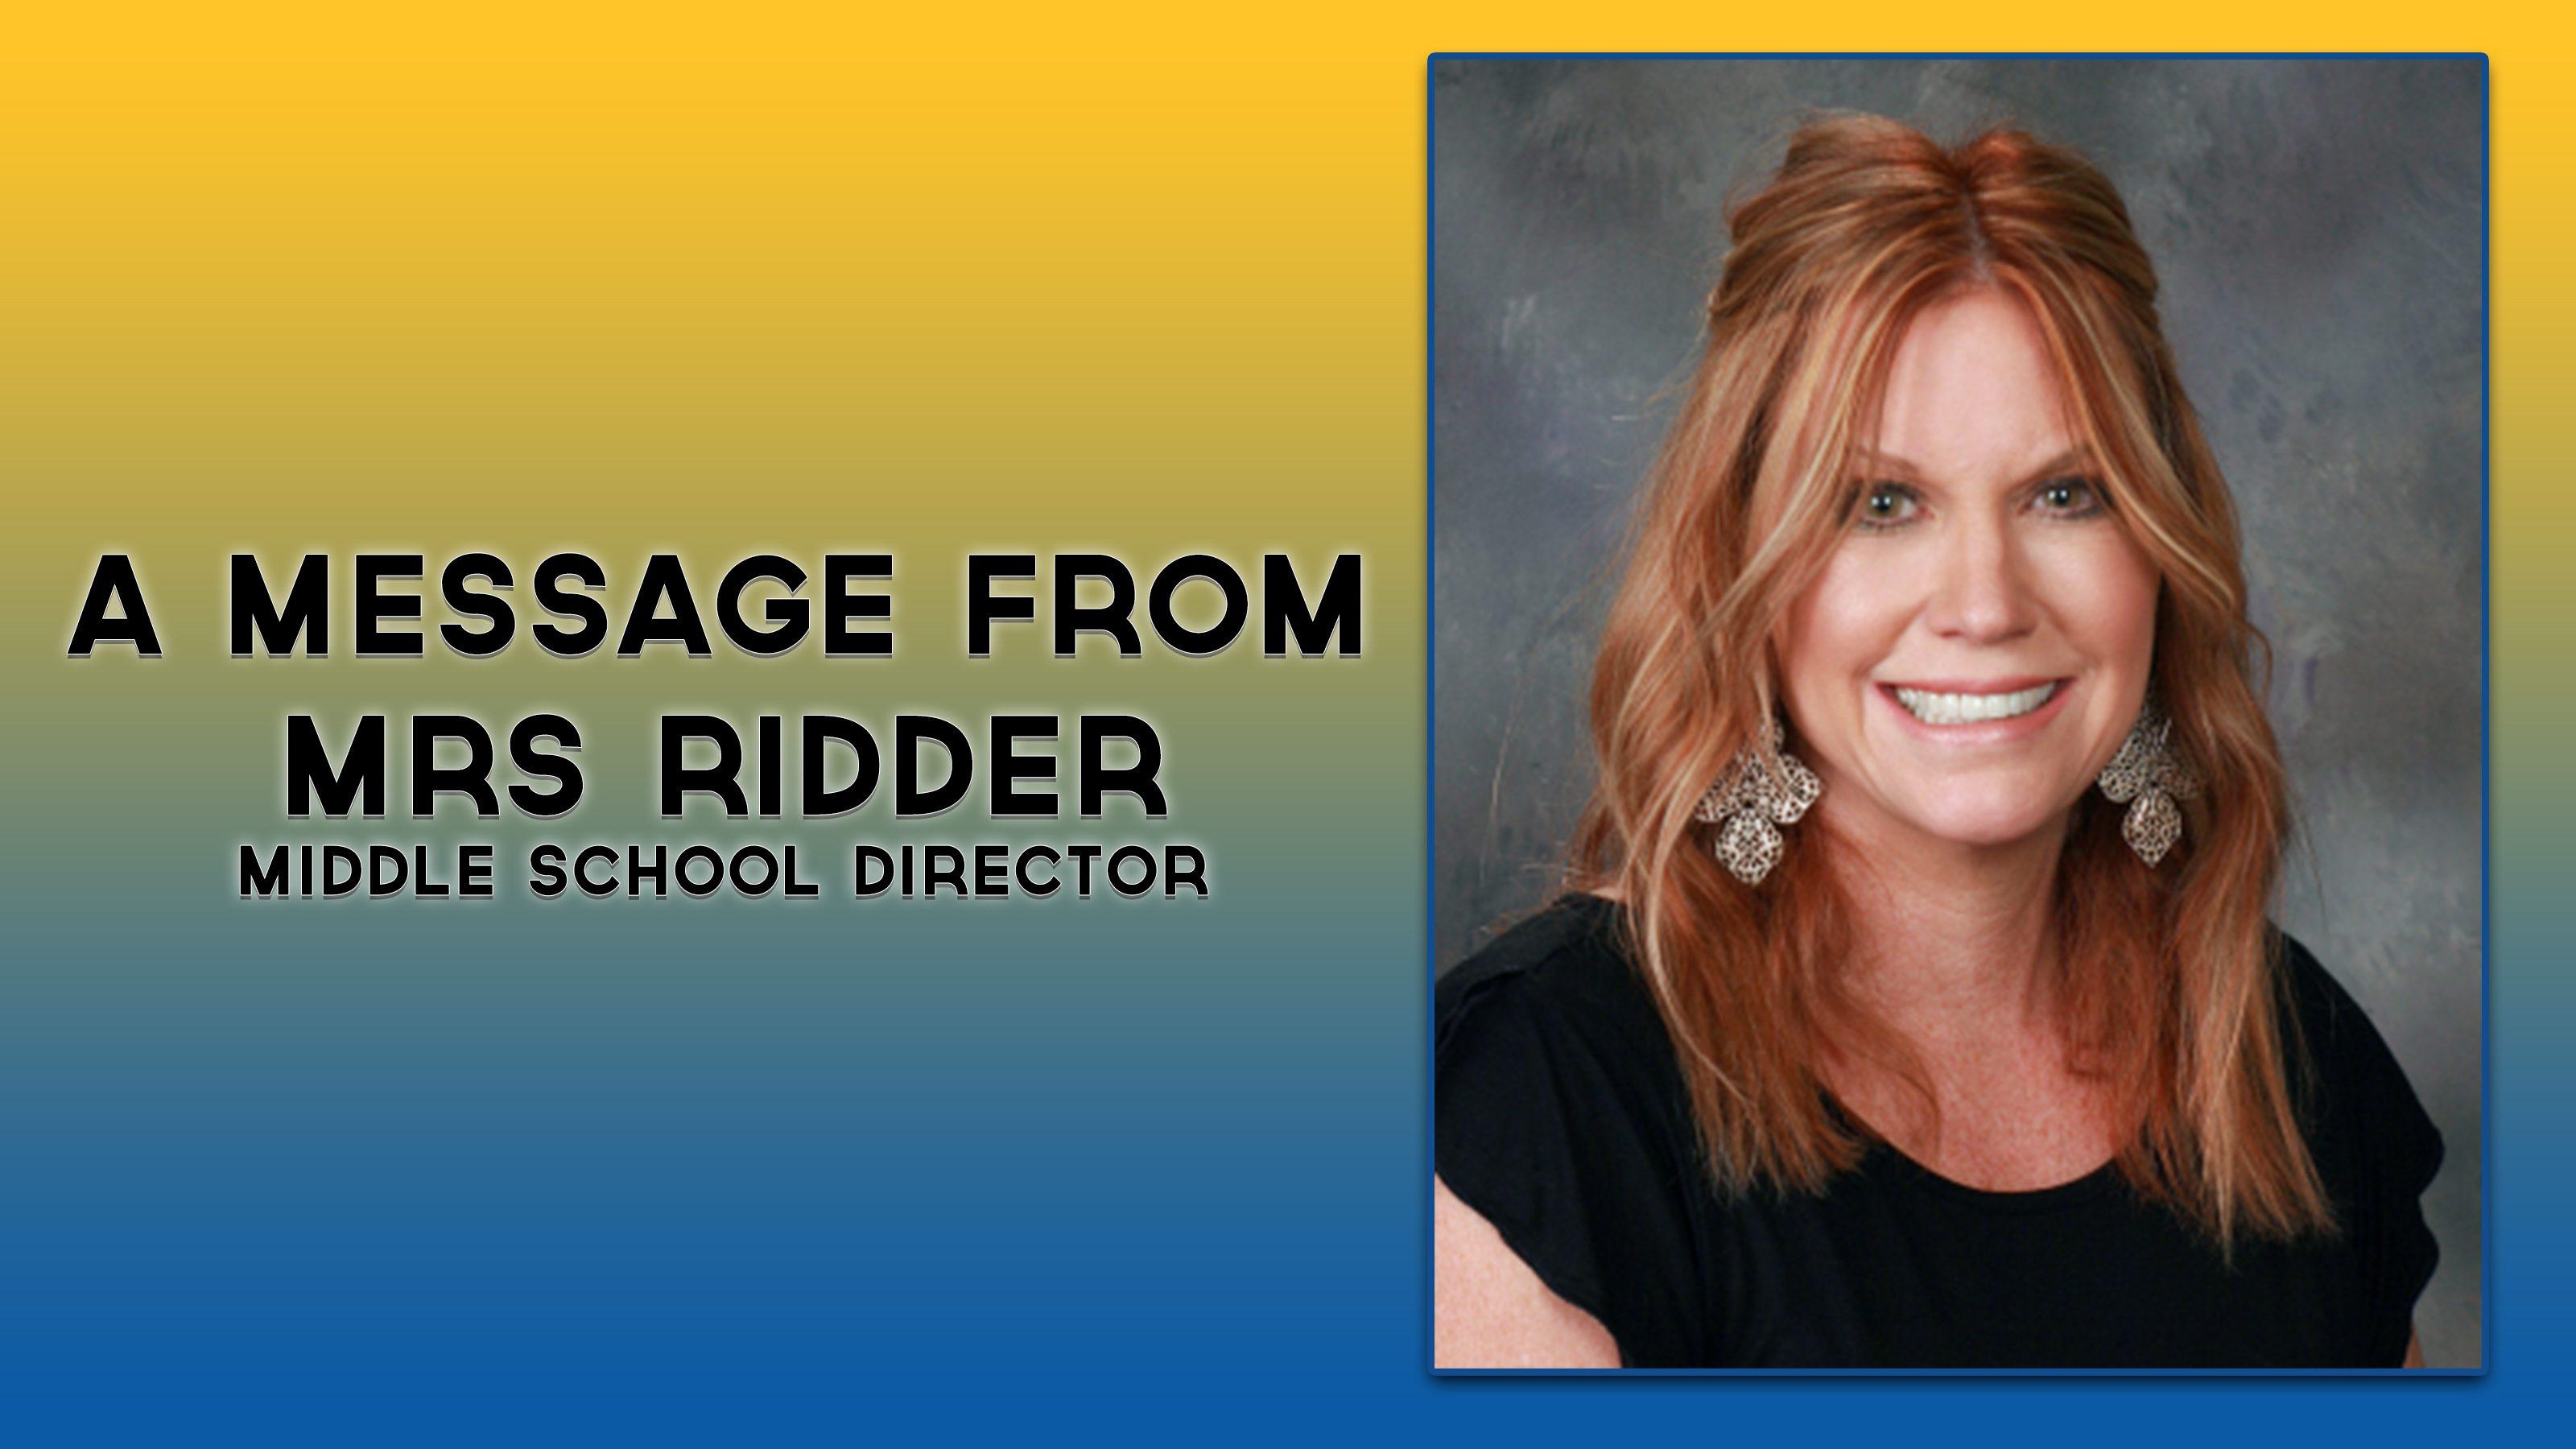 A Message from Mrs Ridder